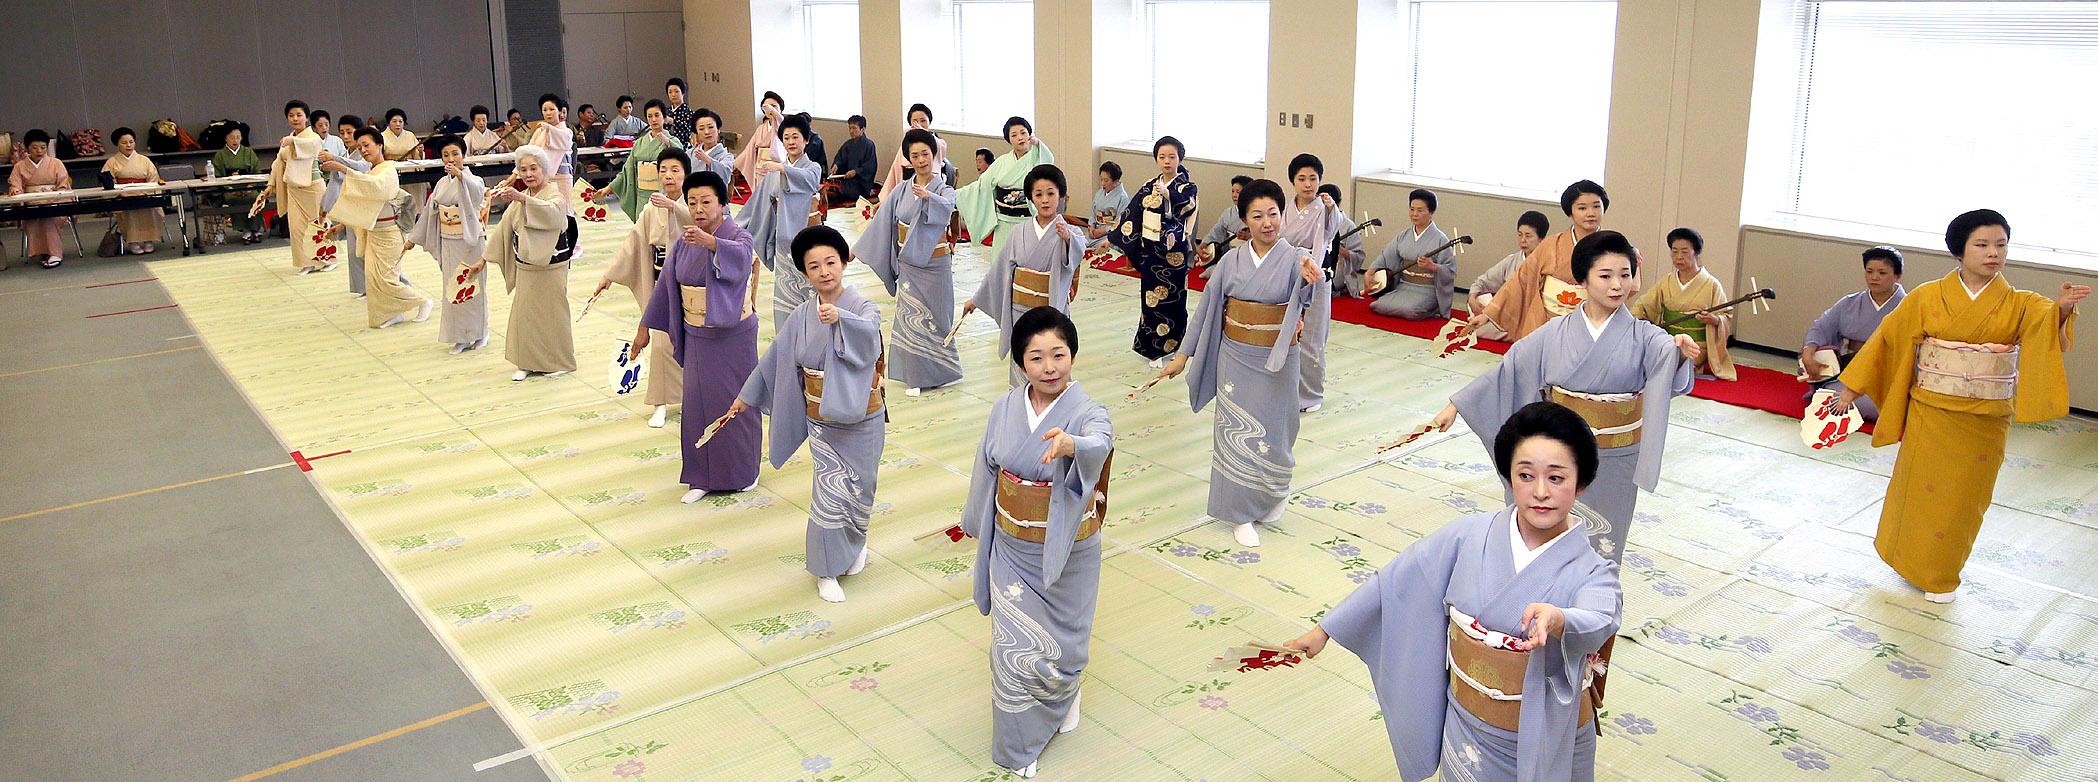 大和楽の演奏に合わせ、総おどり「金沢風雅」を仕上げる芸妓衆=北國新聞20階ホール